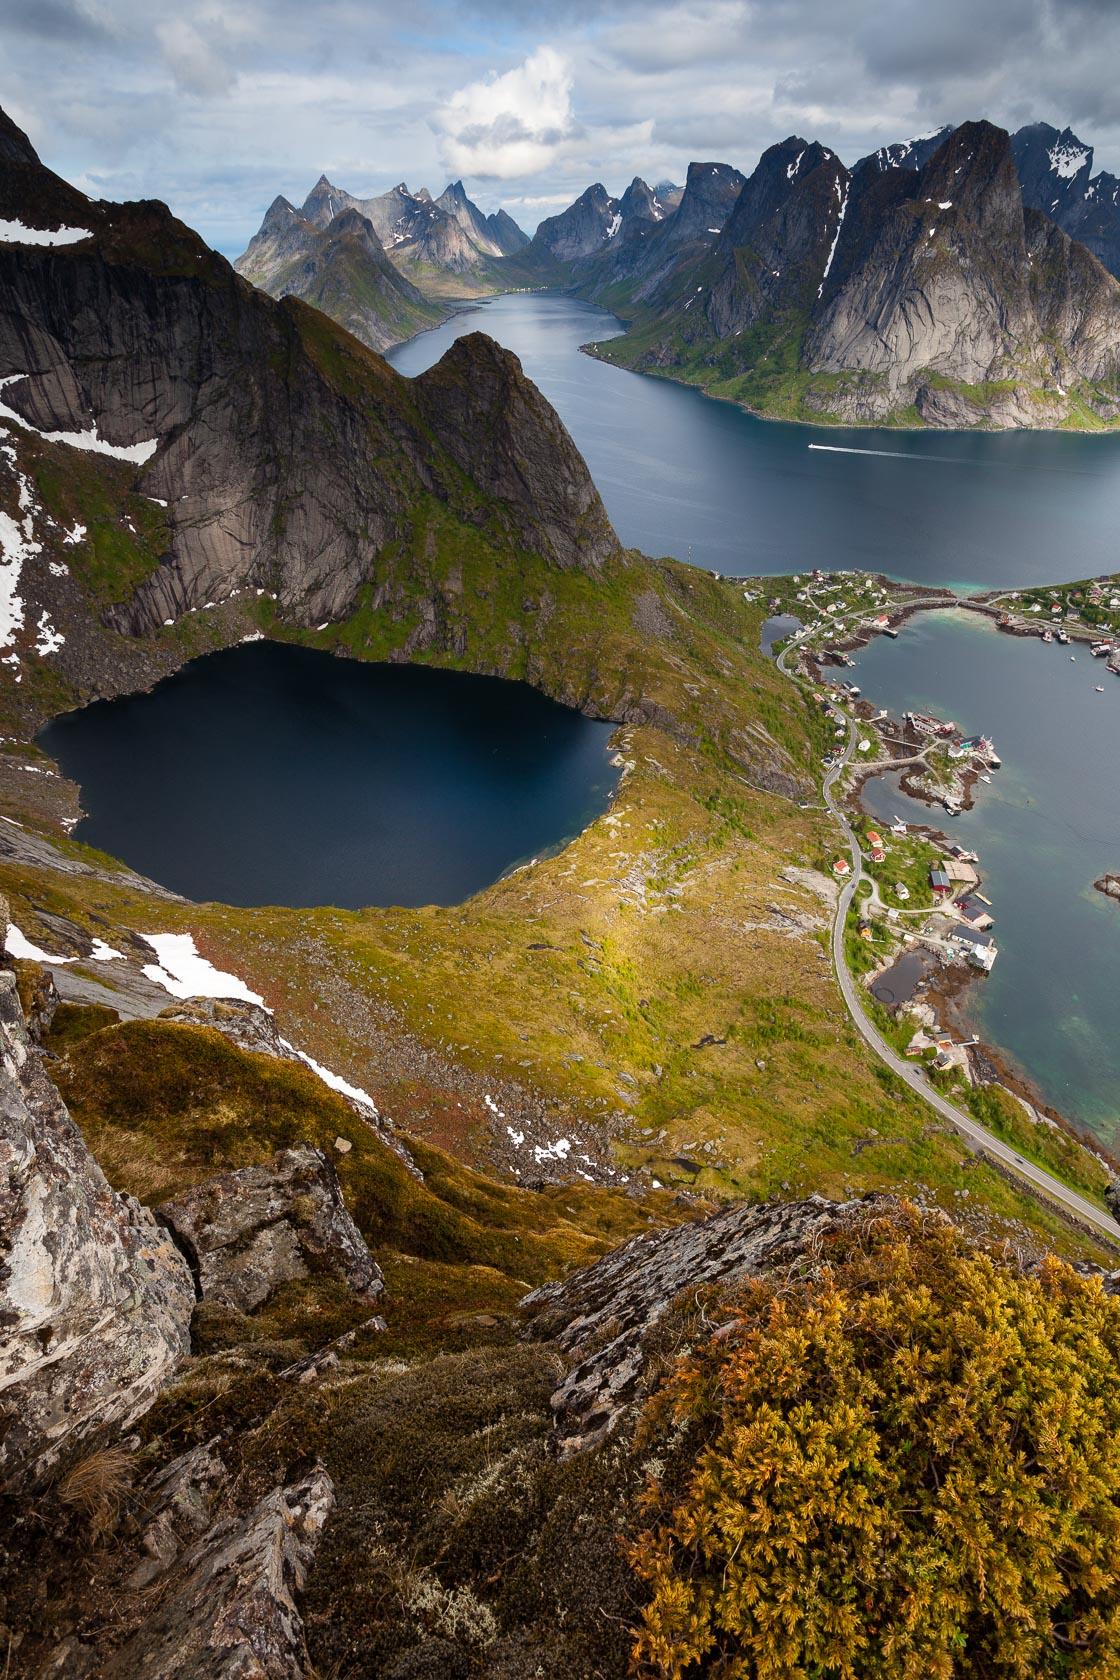 Vue sur Reine depuis le Reinebringen, lors d'un voyage photo dans les îles Lofoten en Norvège